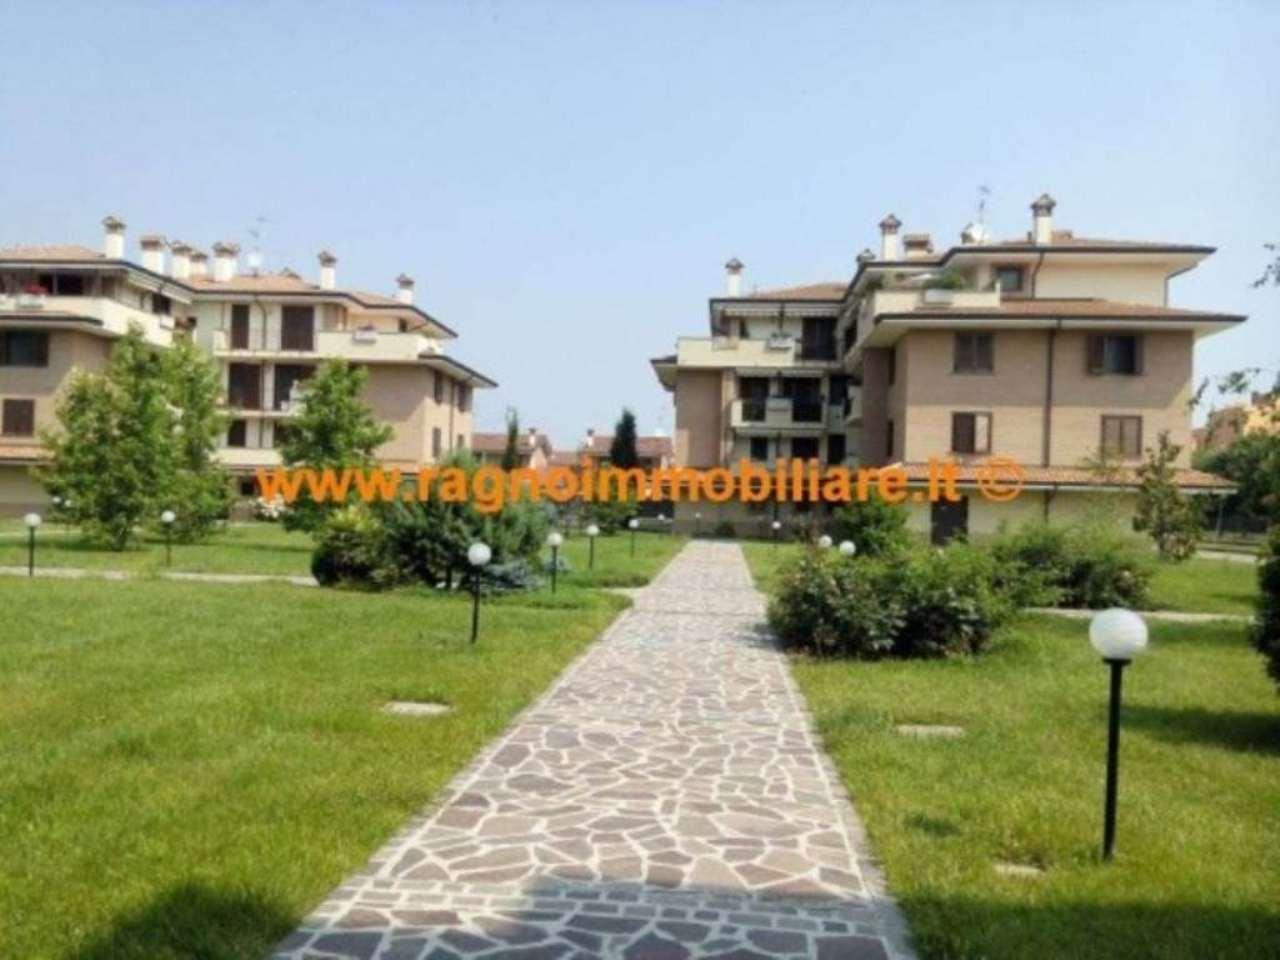 Appartamento in vendita a Casarile, 3 locali, prezzo € 189.000 | Cambio Casa.it